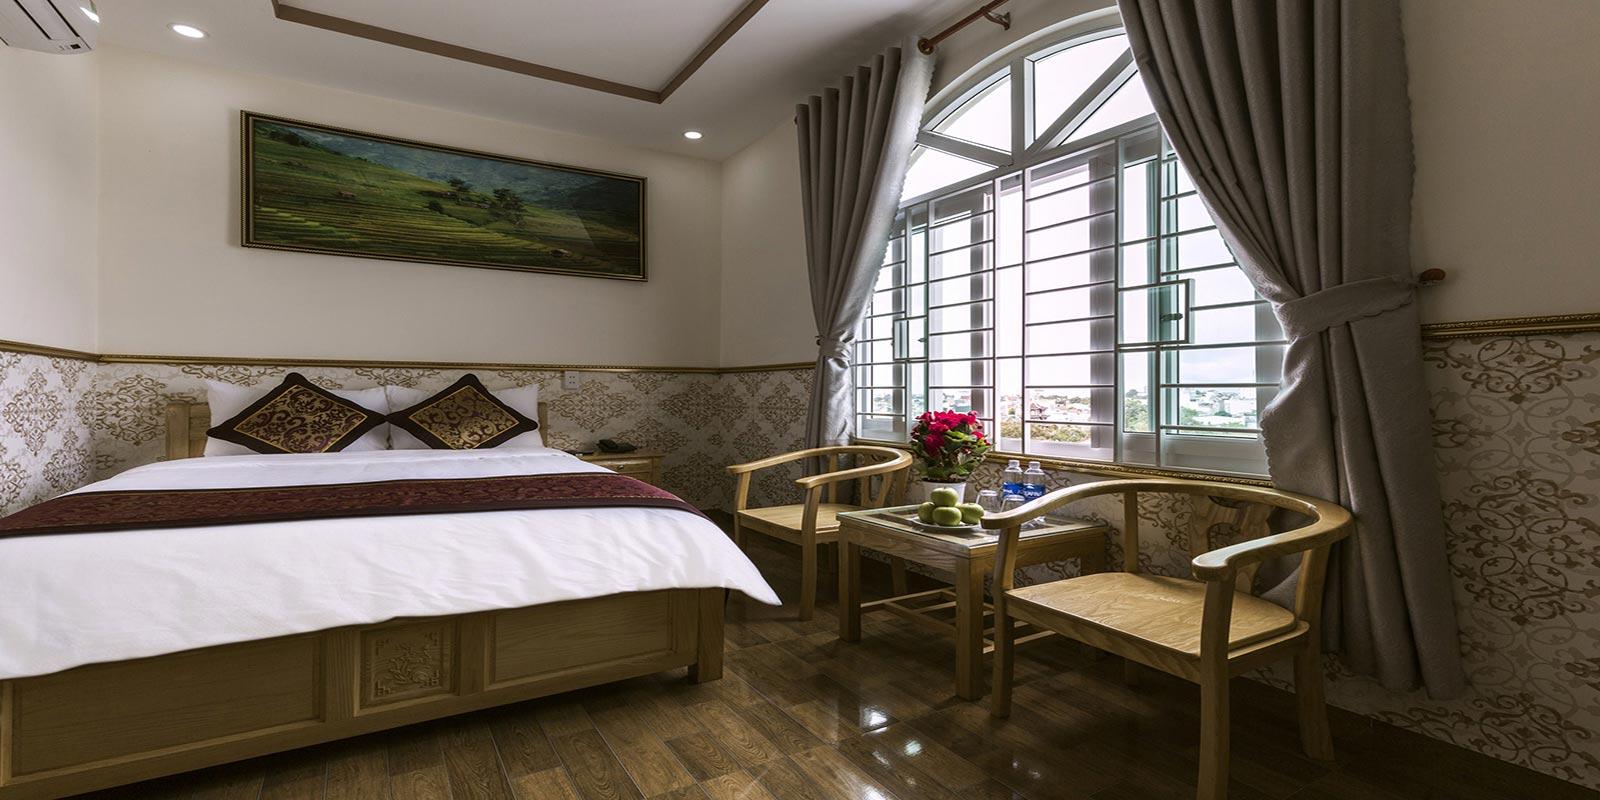 Khách sạn giá rẻ tại daklak